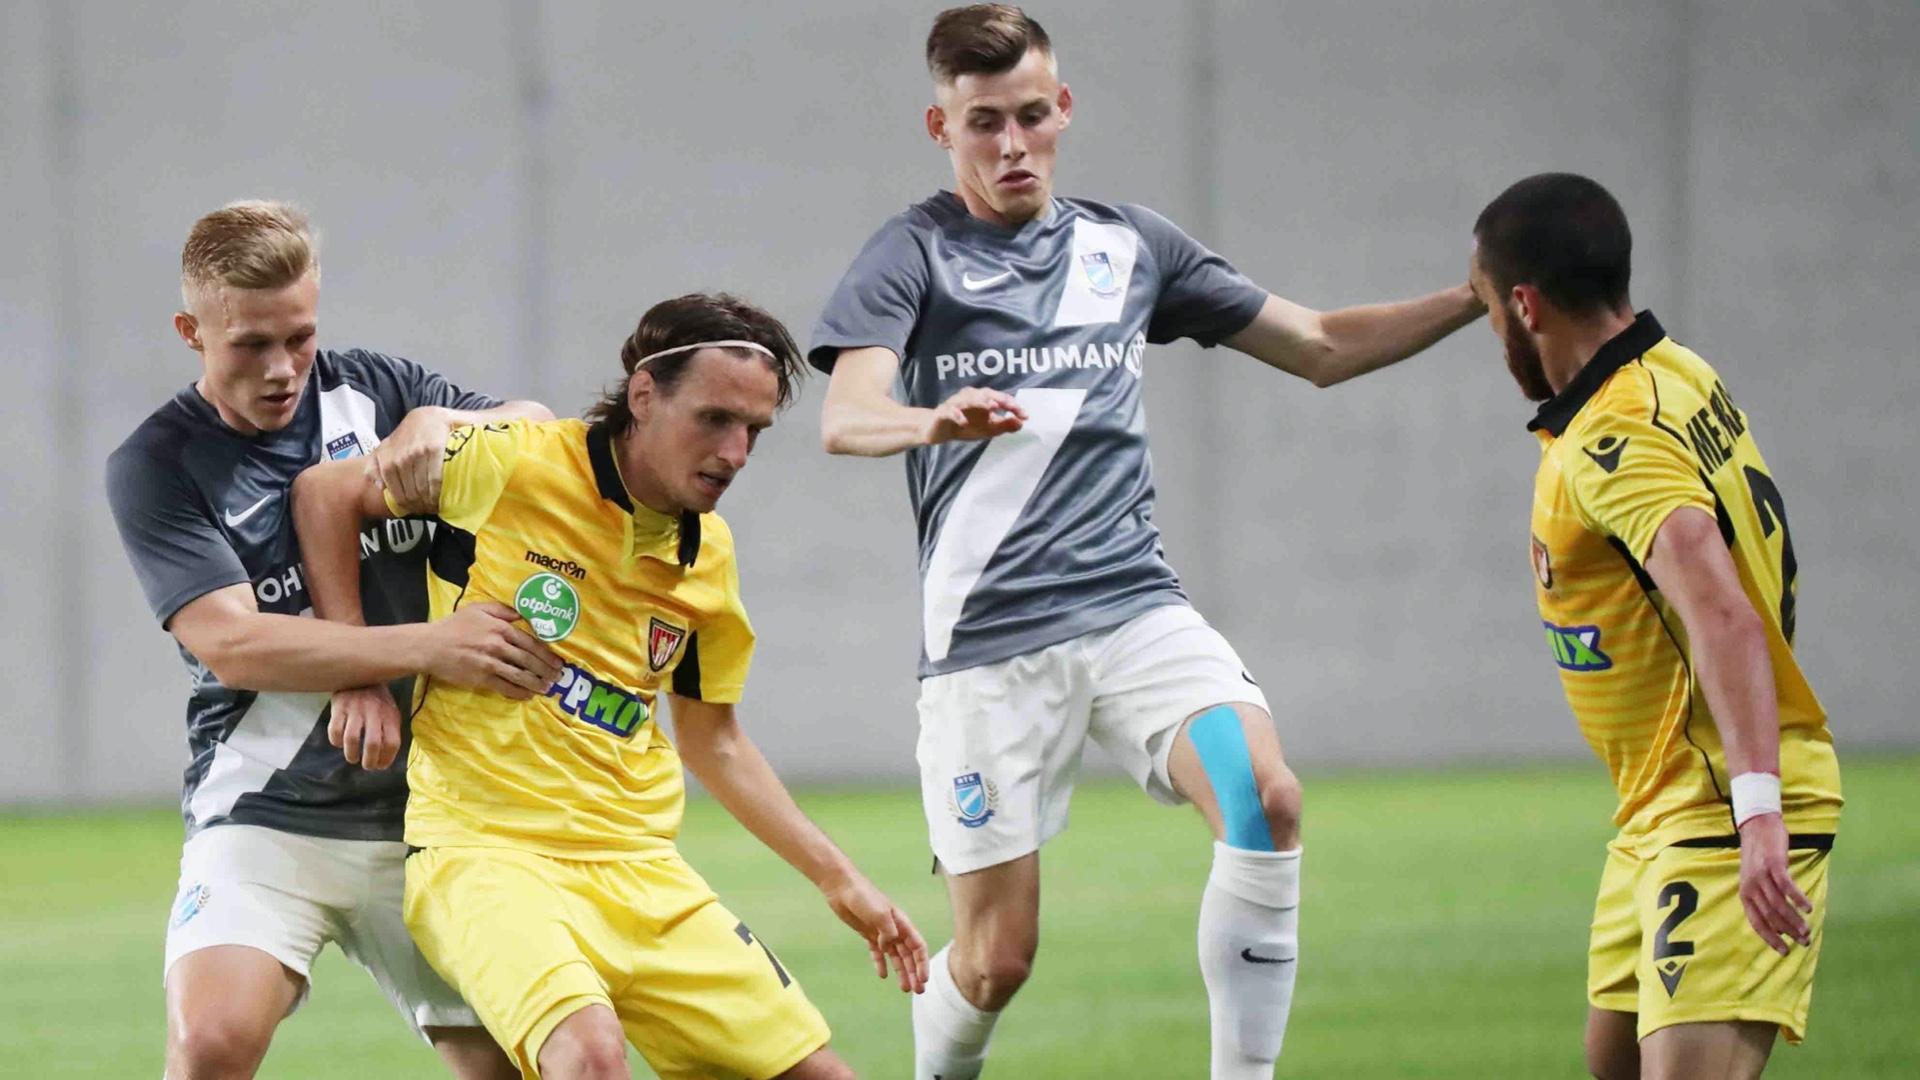 Bemutatjuk pénteki ellenfelünket: Amit a Budapest Honvéd FC-ről tudni kell